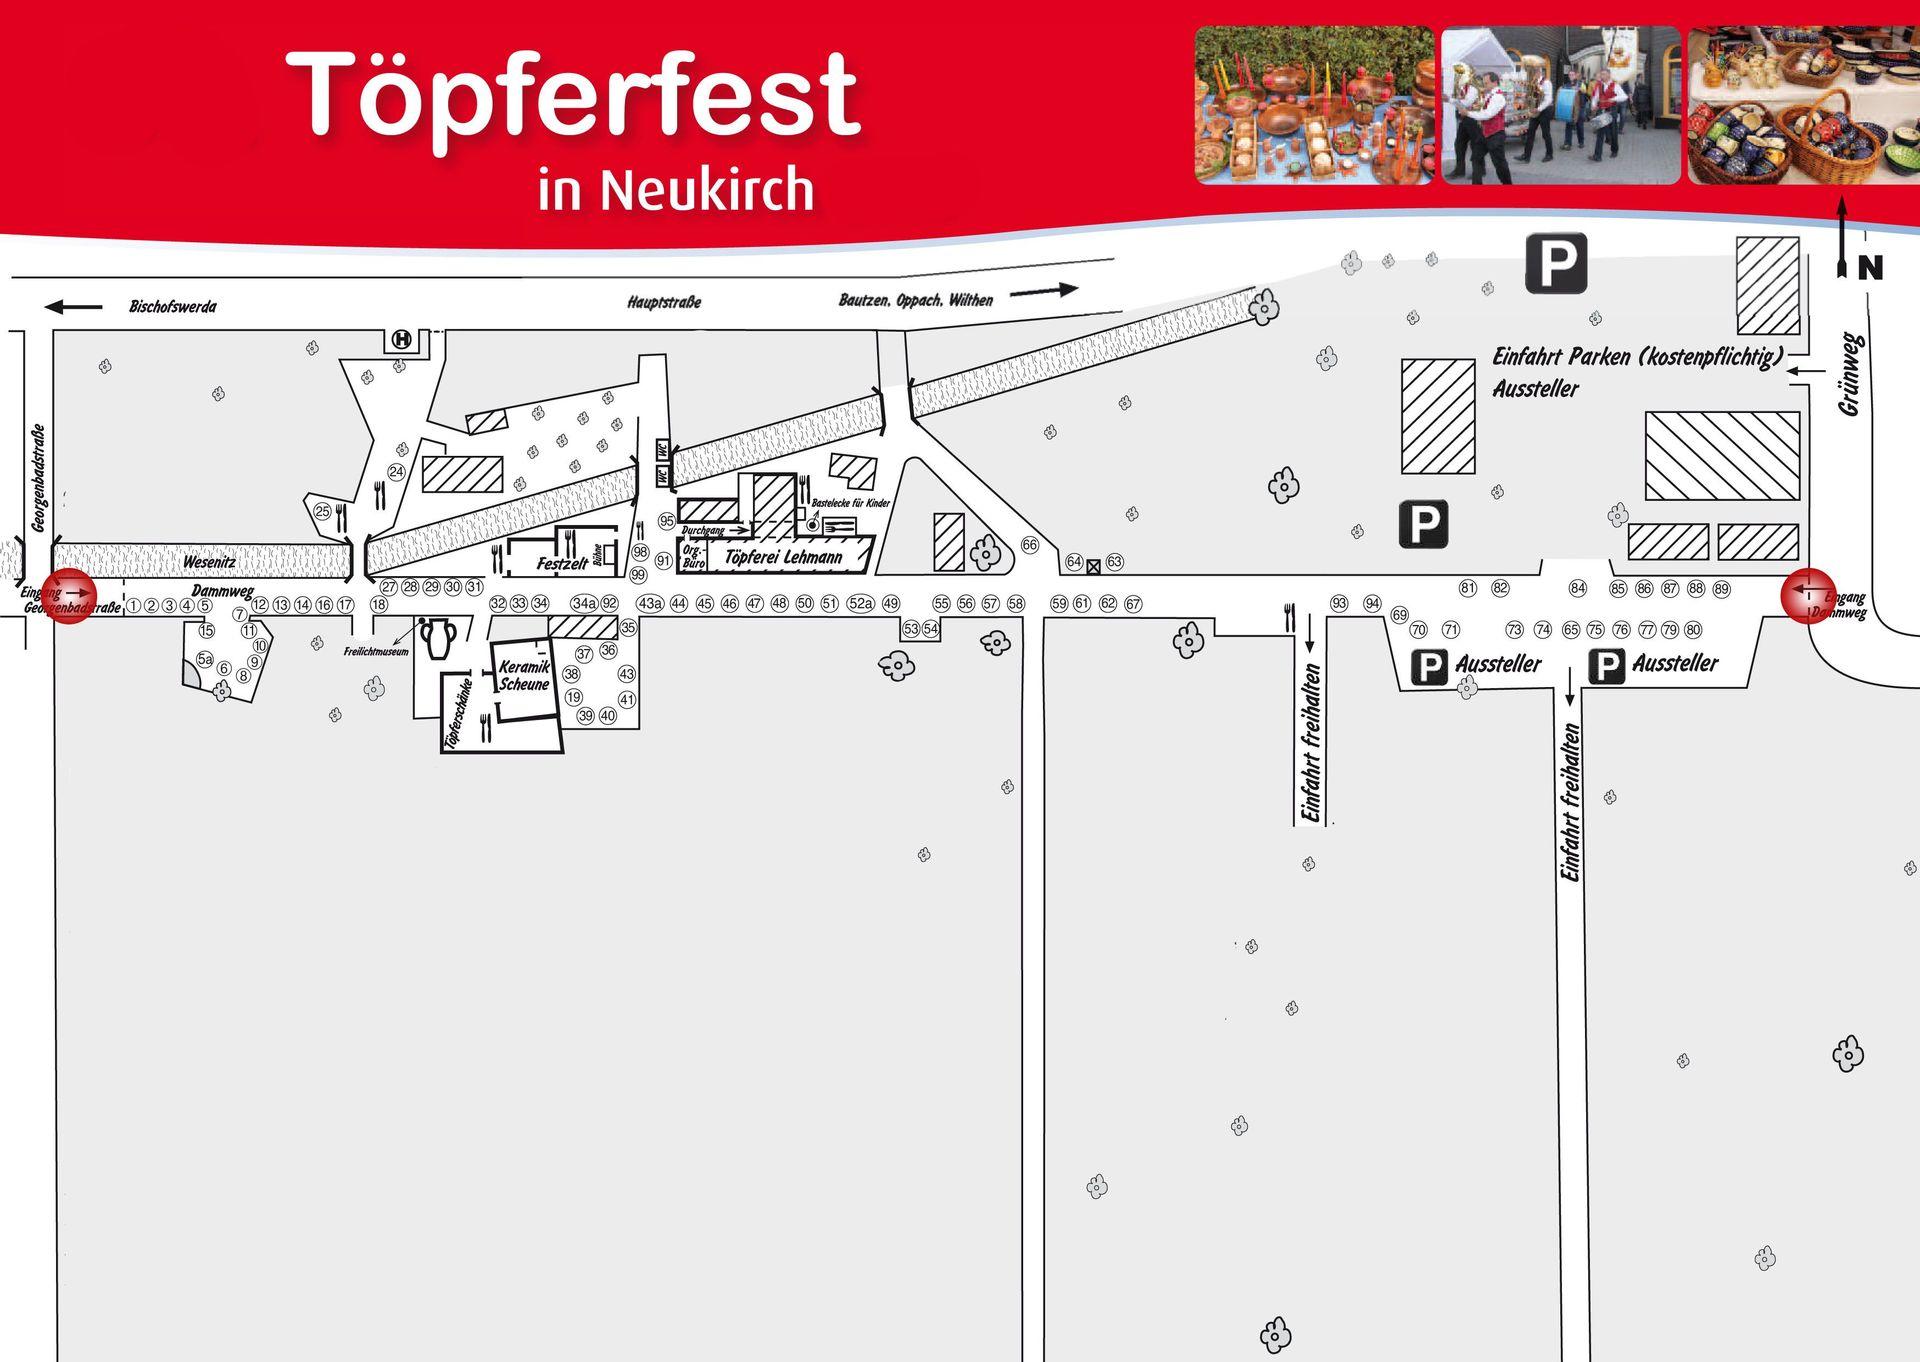 Eintrittspreise | Töpferfest Neukirch/L.